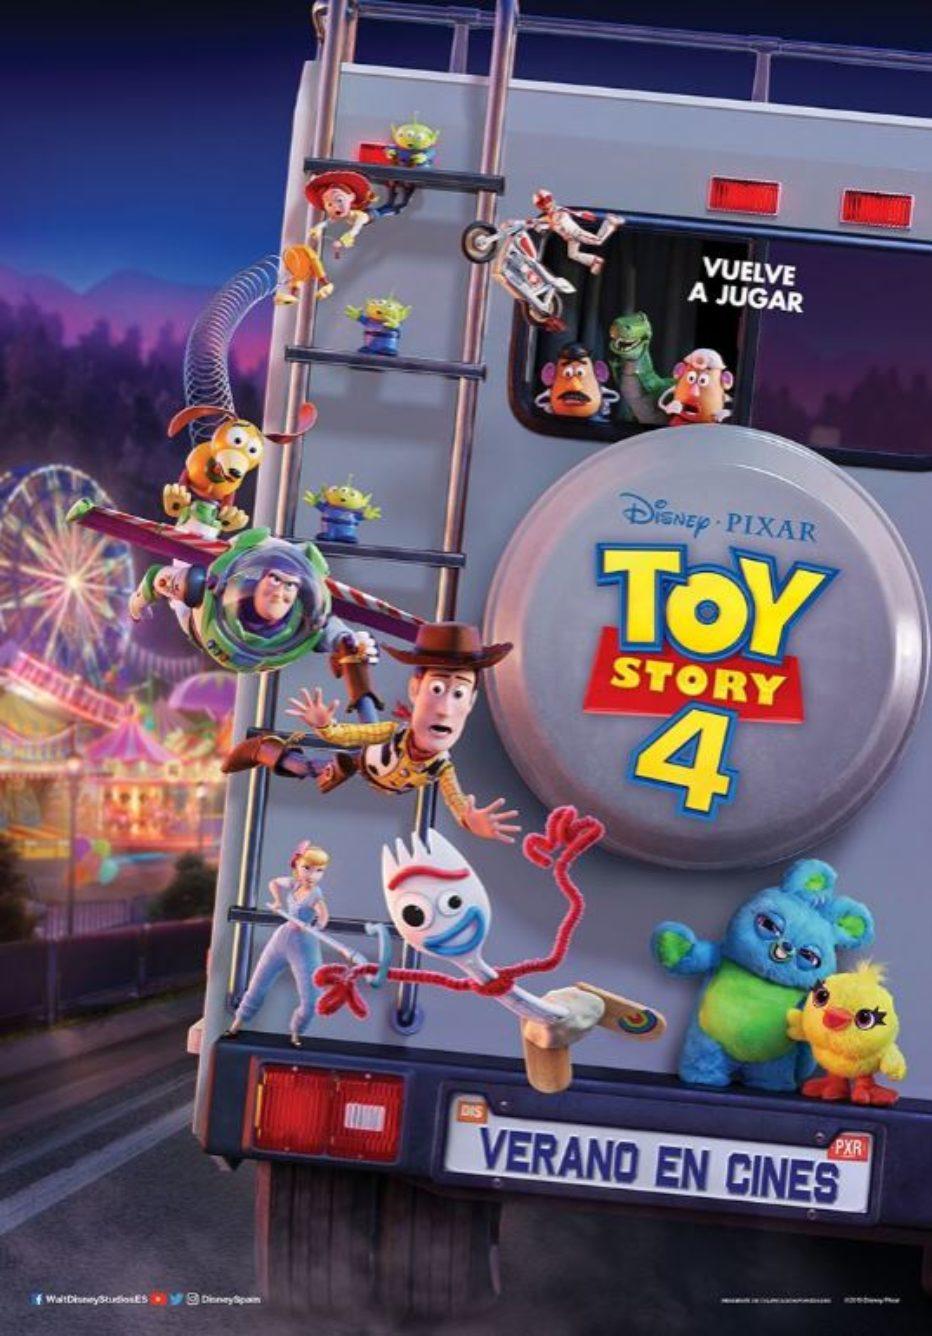 Toy Story 4 de Disney•Pixar | Nuevo Tráiler Oficial en español